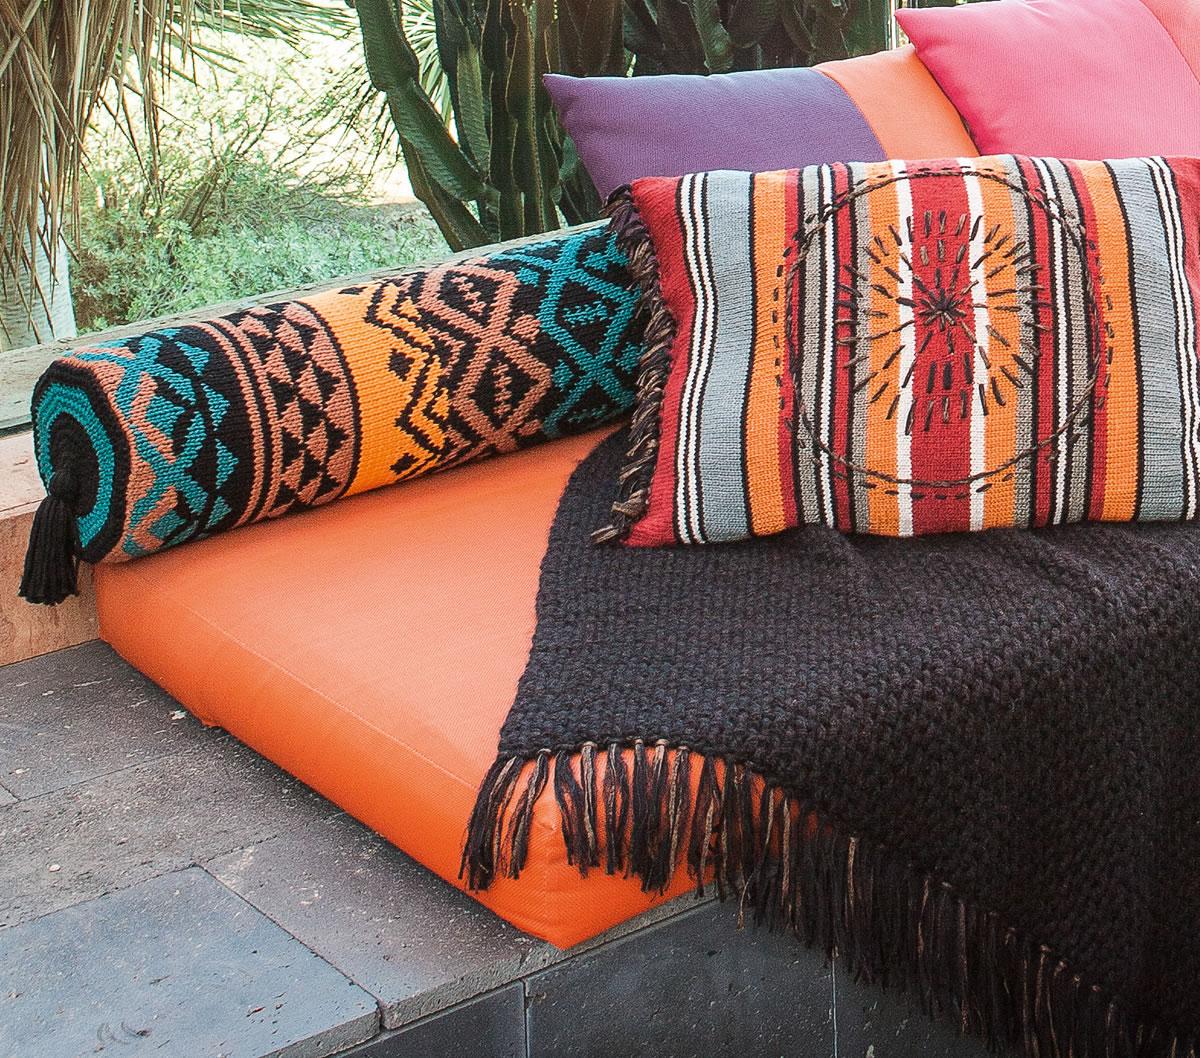 lana grossa nackenrolle im jacquardmuster cotofine filati handstrick no 59 home modell 2. Black Bedroom Furniture Sets. Home Design Ideas